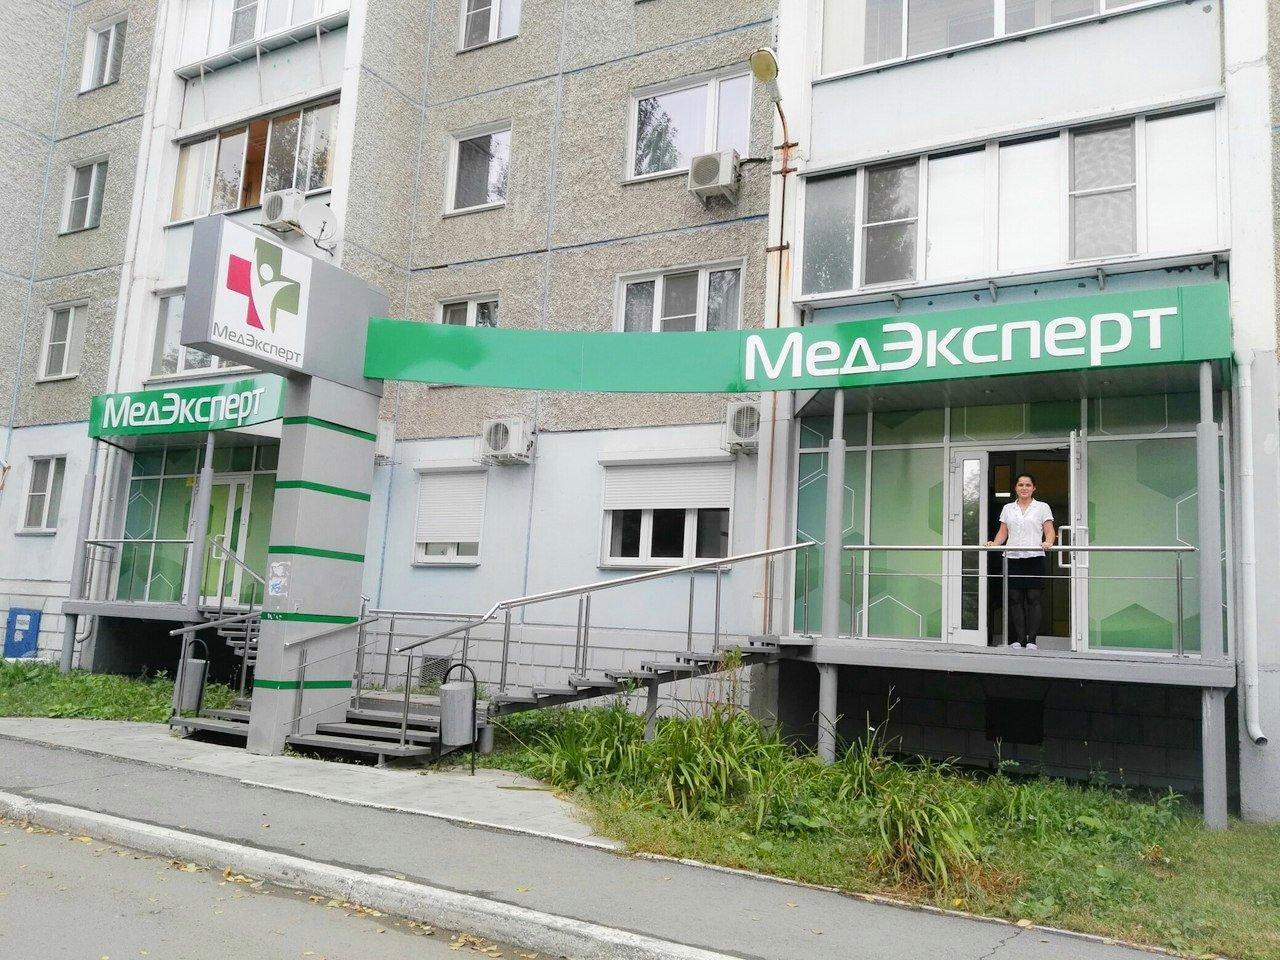 фотография Медицинского центра МедЭксперт на улице Братьев Кашириных